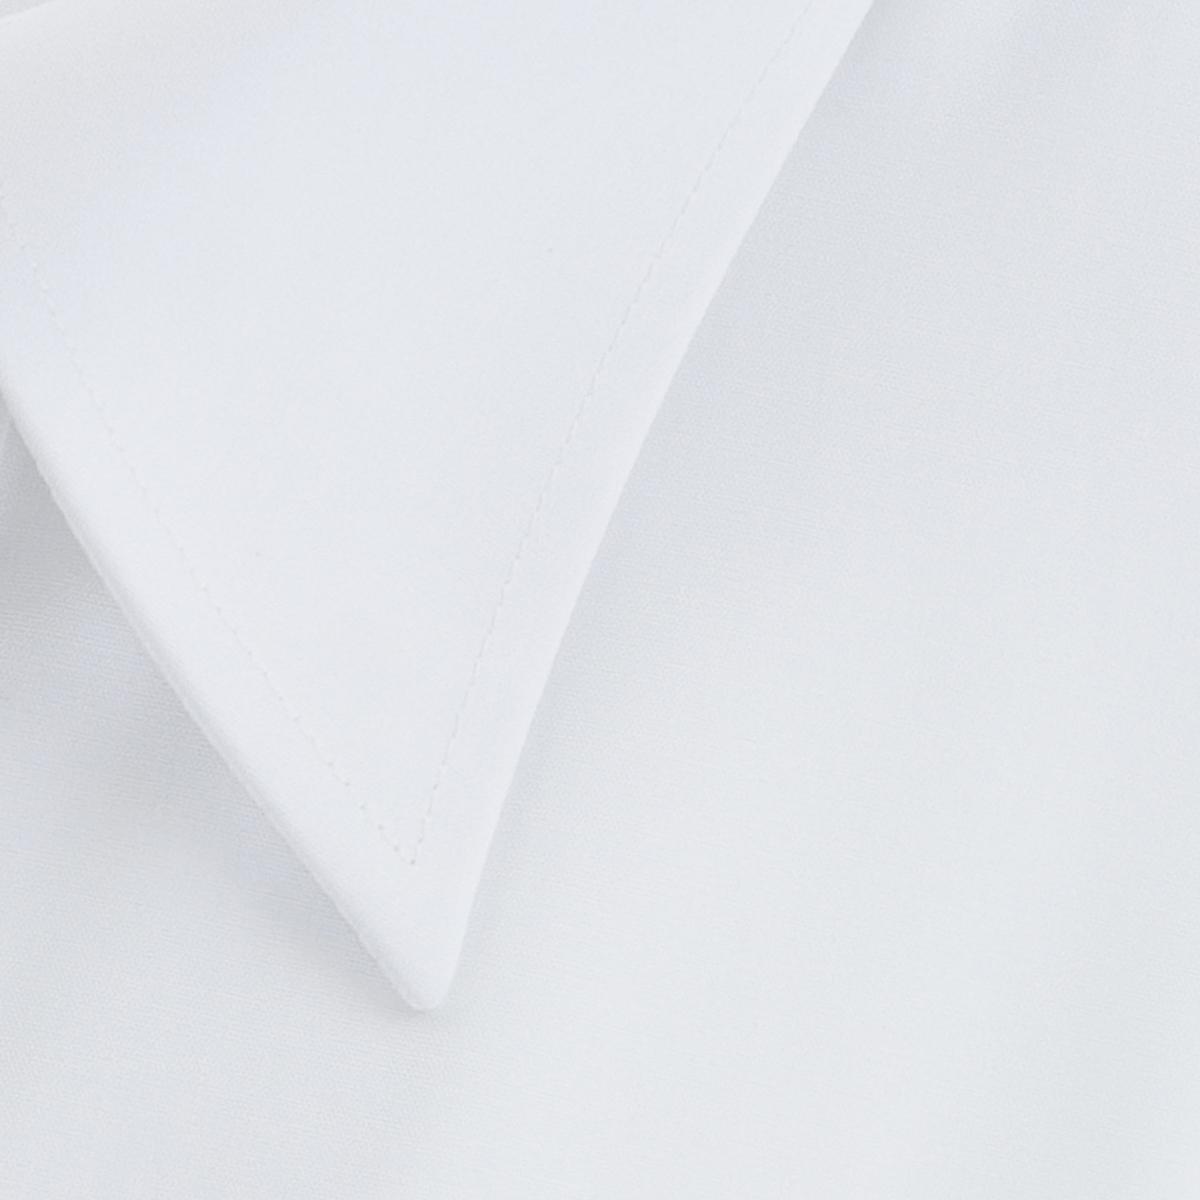 形態安定 レギュラーカラー ワイシャツ 長袖 【Stentor Homme】